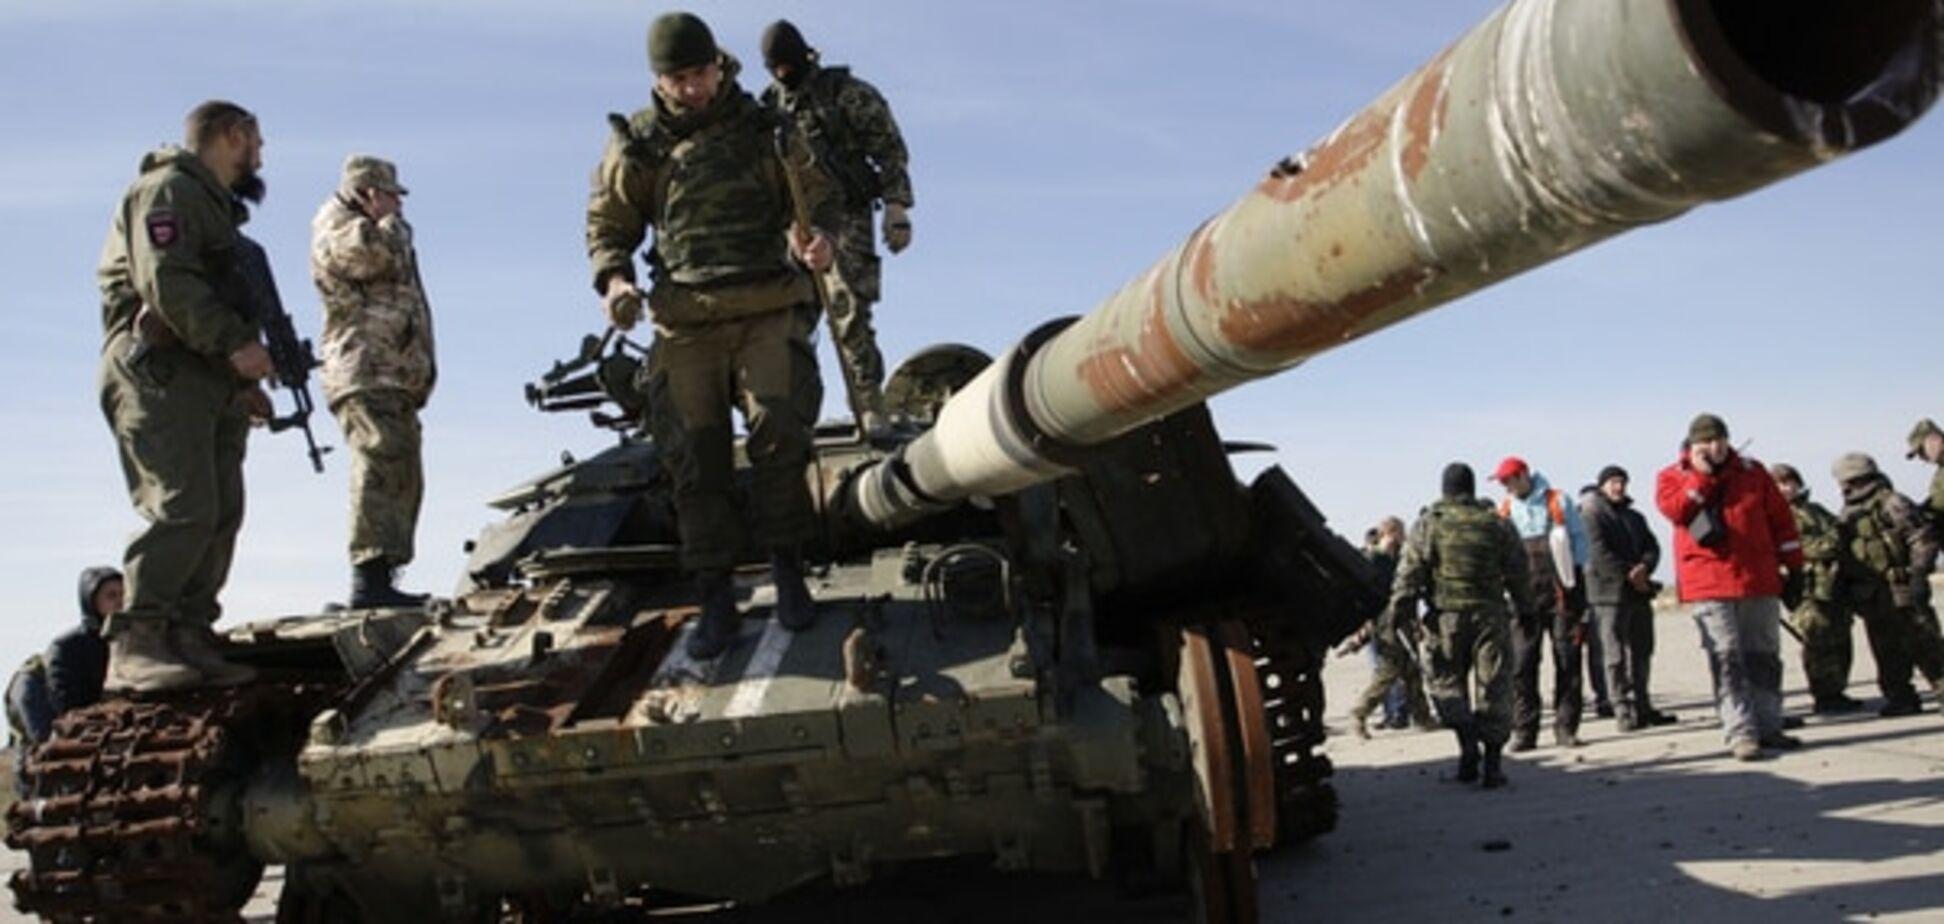 Бійці АТО завершують підготовку до відведення озброєнь і сподіваються на 'взаємність' терористів